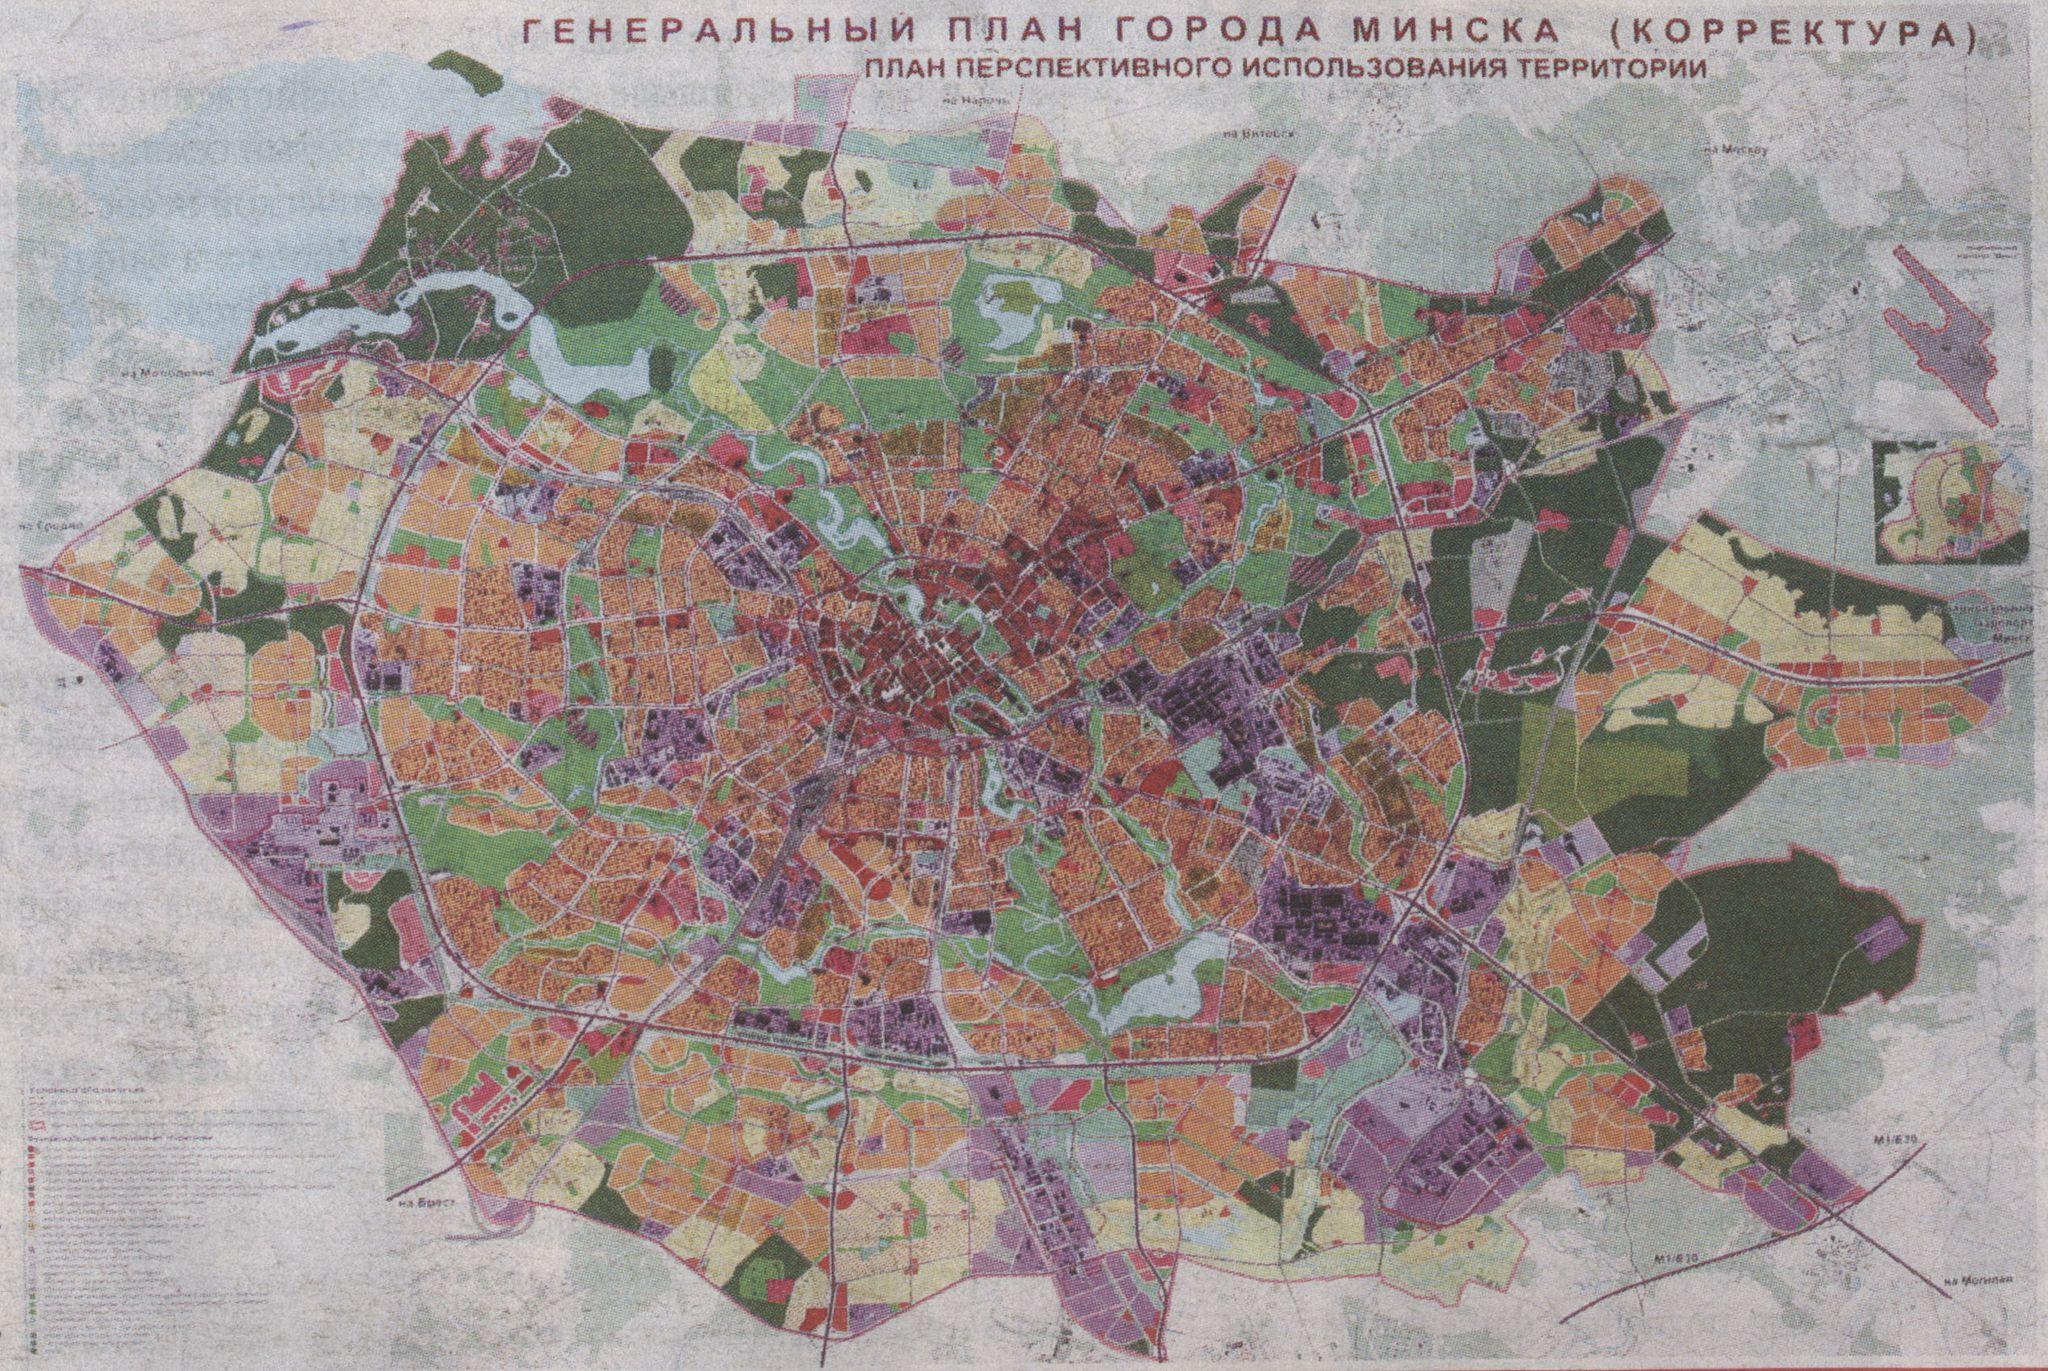 Генеральный план (генплан) Минска.  Оранжевый цвет на месте частного сектора.